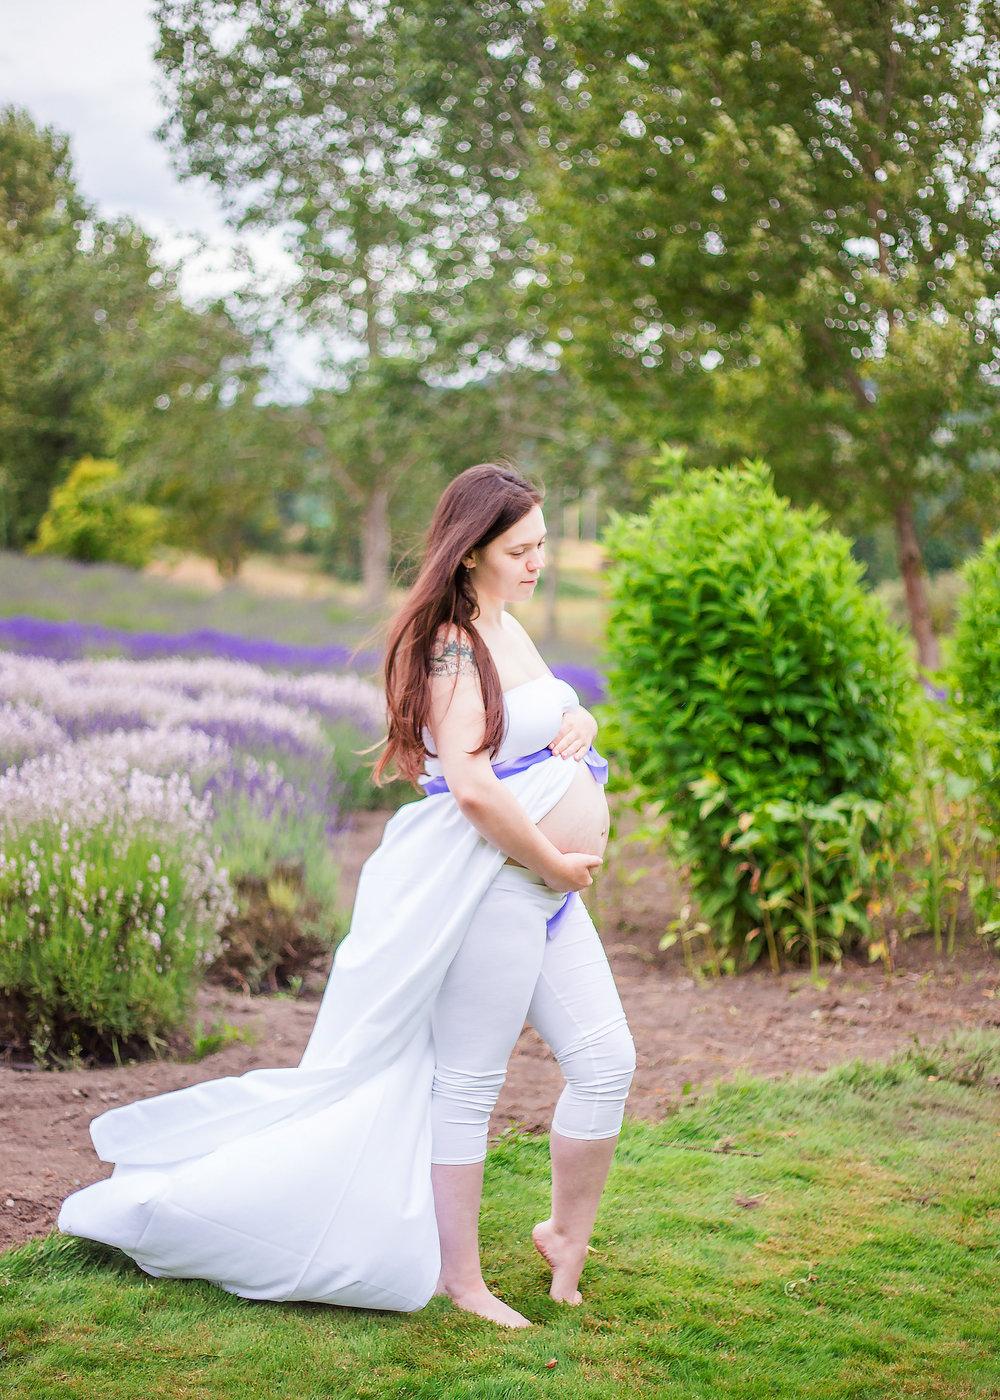 Amanda Mews Maternity-Amanda Mews Maternity Edits-0007.jpg